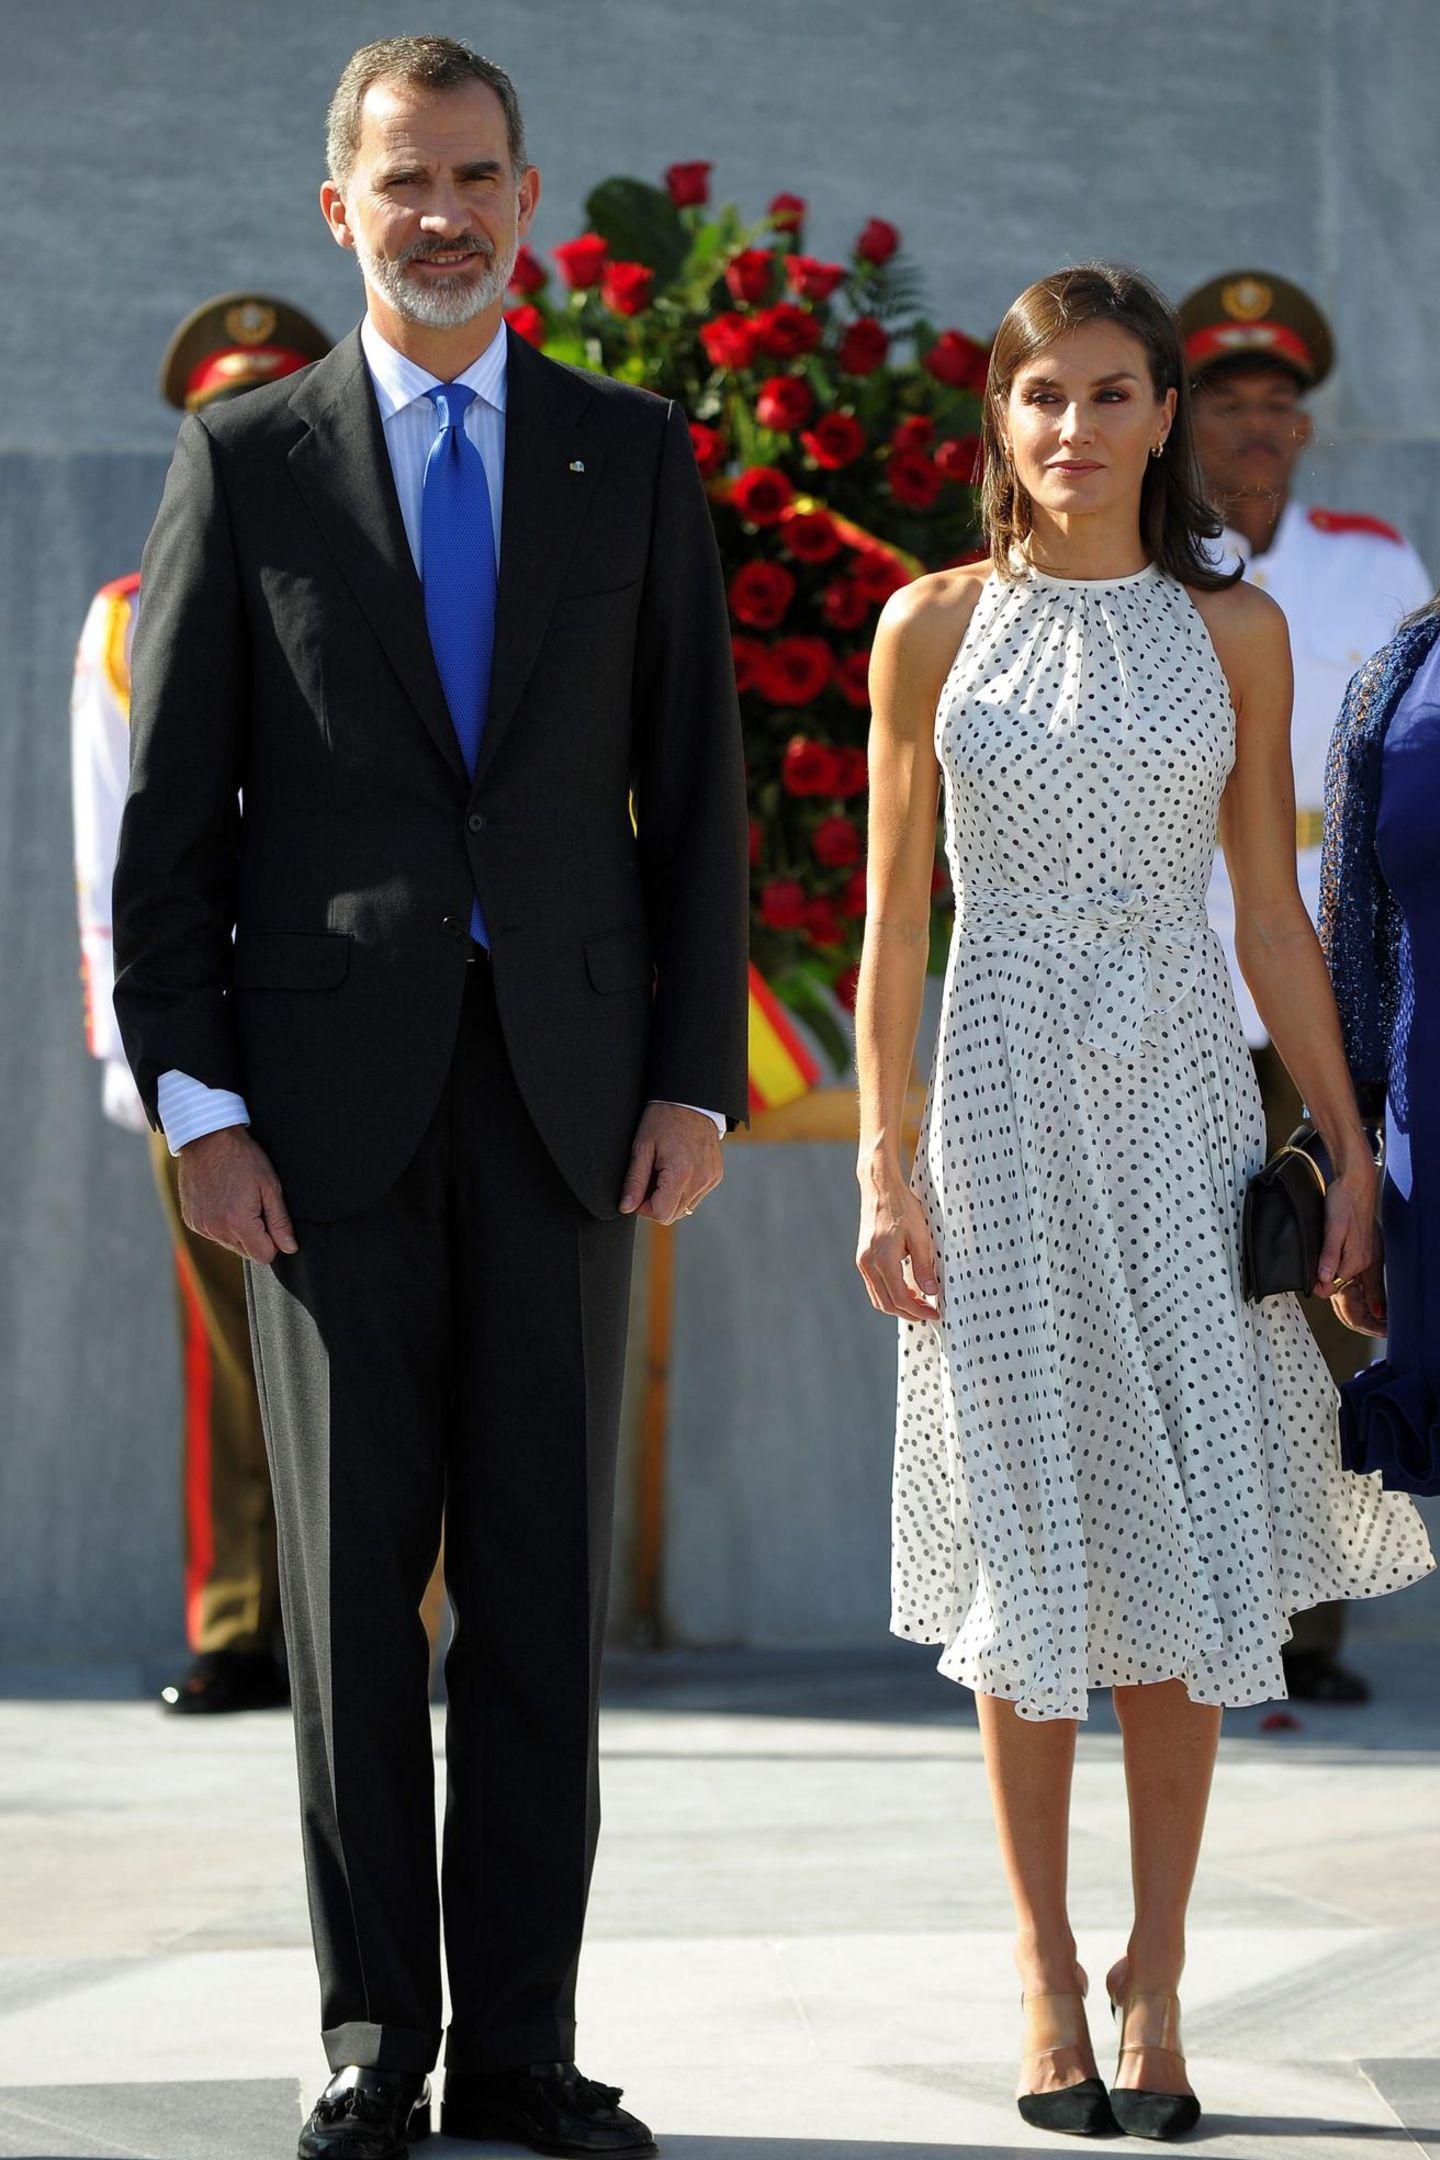 Während der Willkommenszeremonie am Jose Marti Denkmal in Havanna zeigt sich dasspanischeKönigspaarin Kuba von seiner stilsicheren Seite. Königin Letizia präsentiert ihre durchtrainierten Oberarme in einem Punkte-Kleid in Midi-Länge der Designerin Carolina Herrera. So ganz unbekannt ist uns ihr Kleid jedoch nicht....